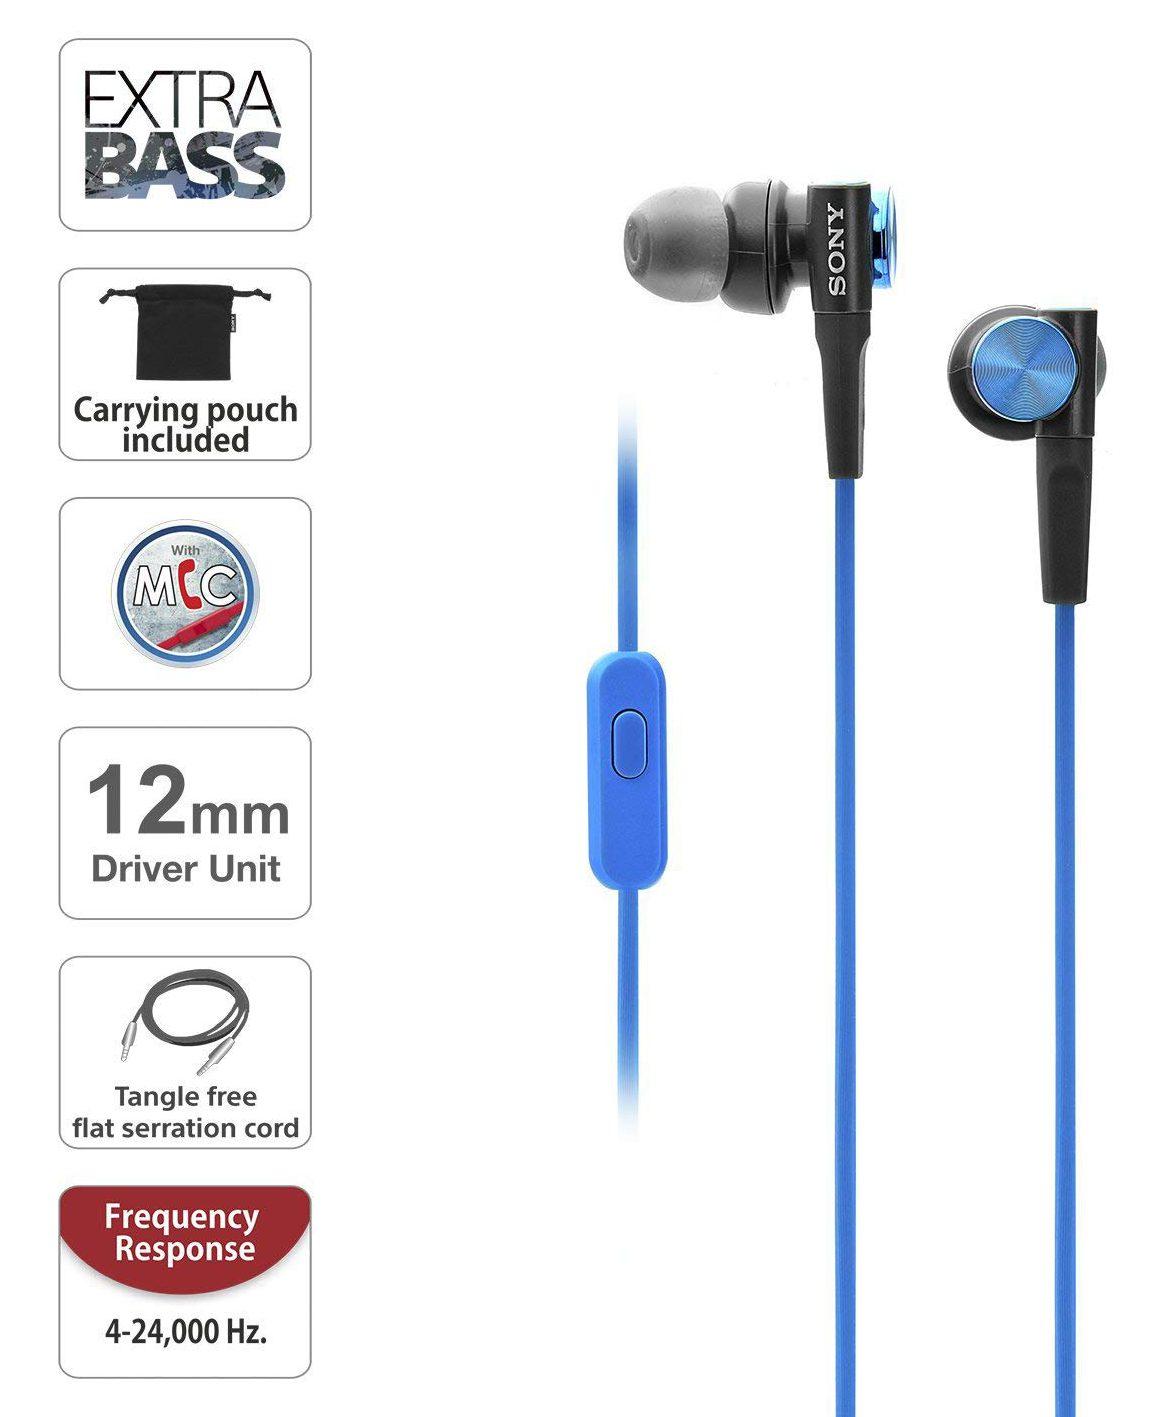 Sony earbud amazon 2